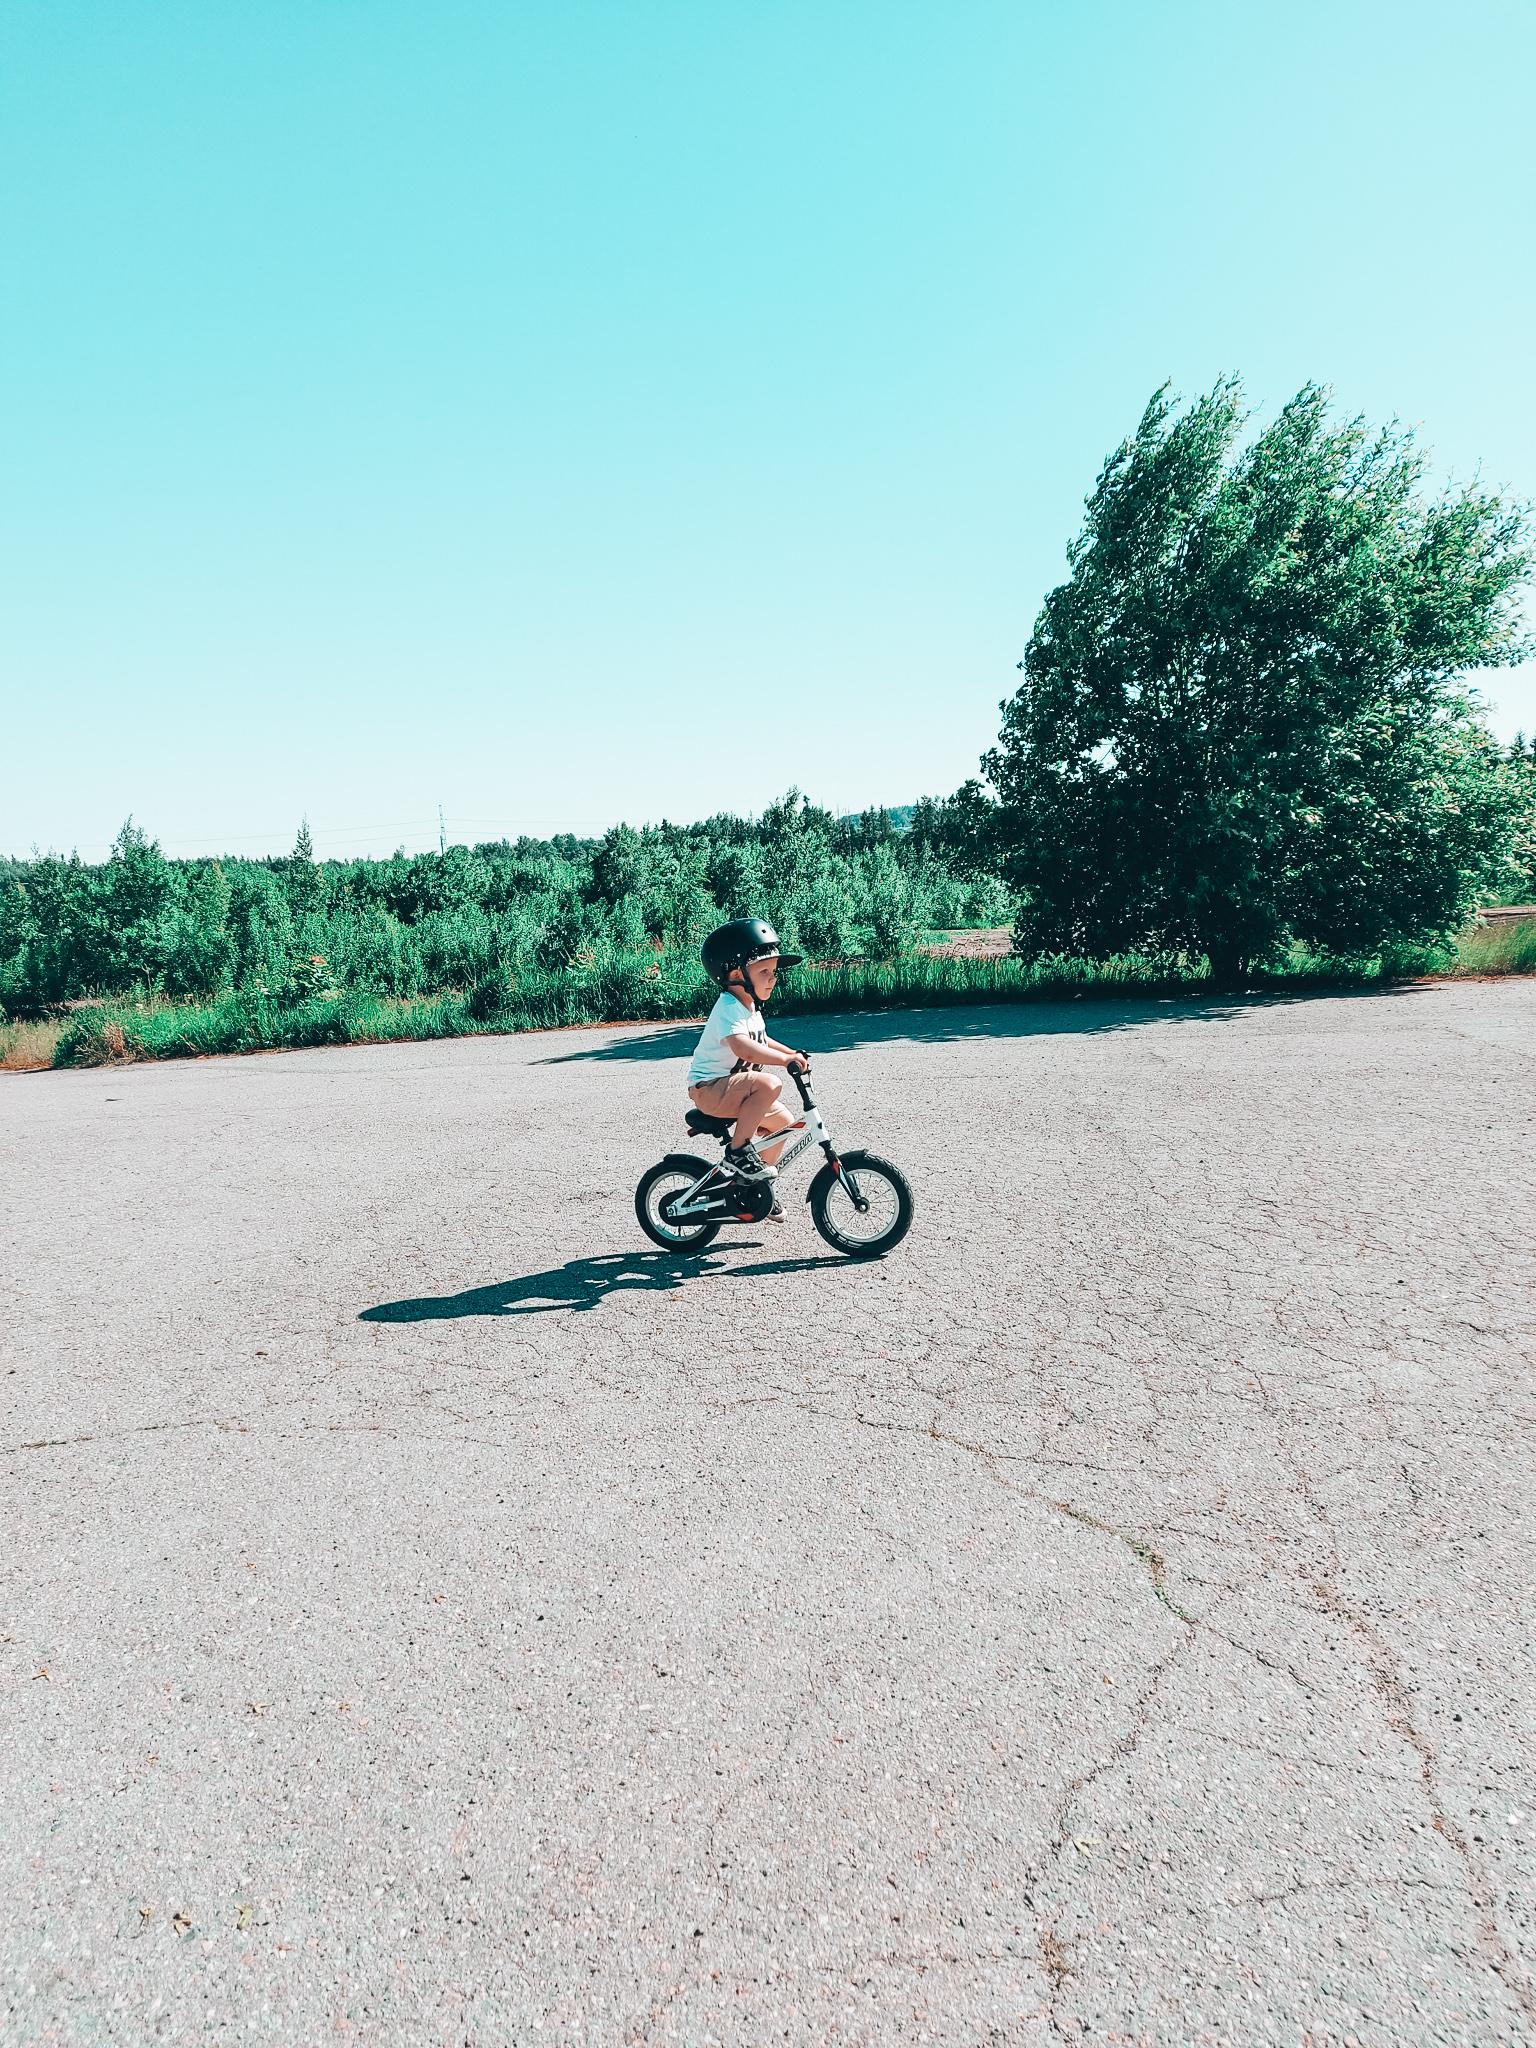 pyöräilyn oppiminen